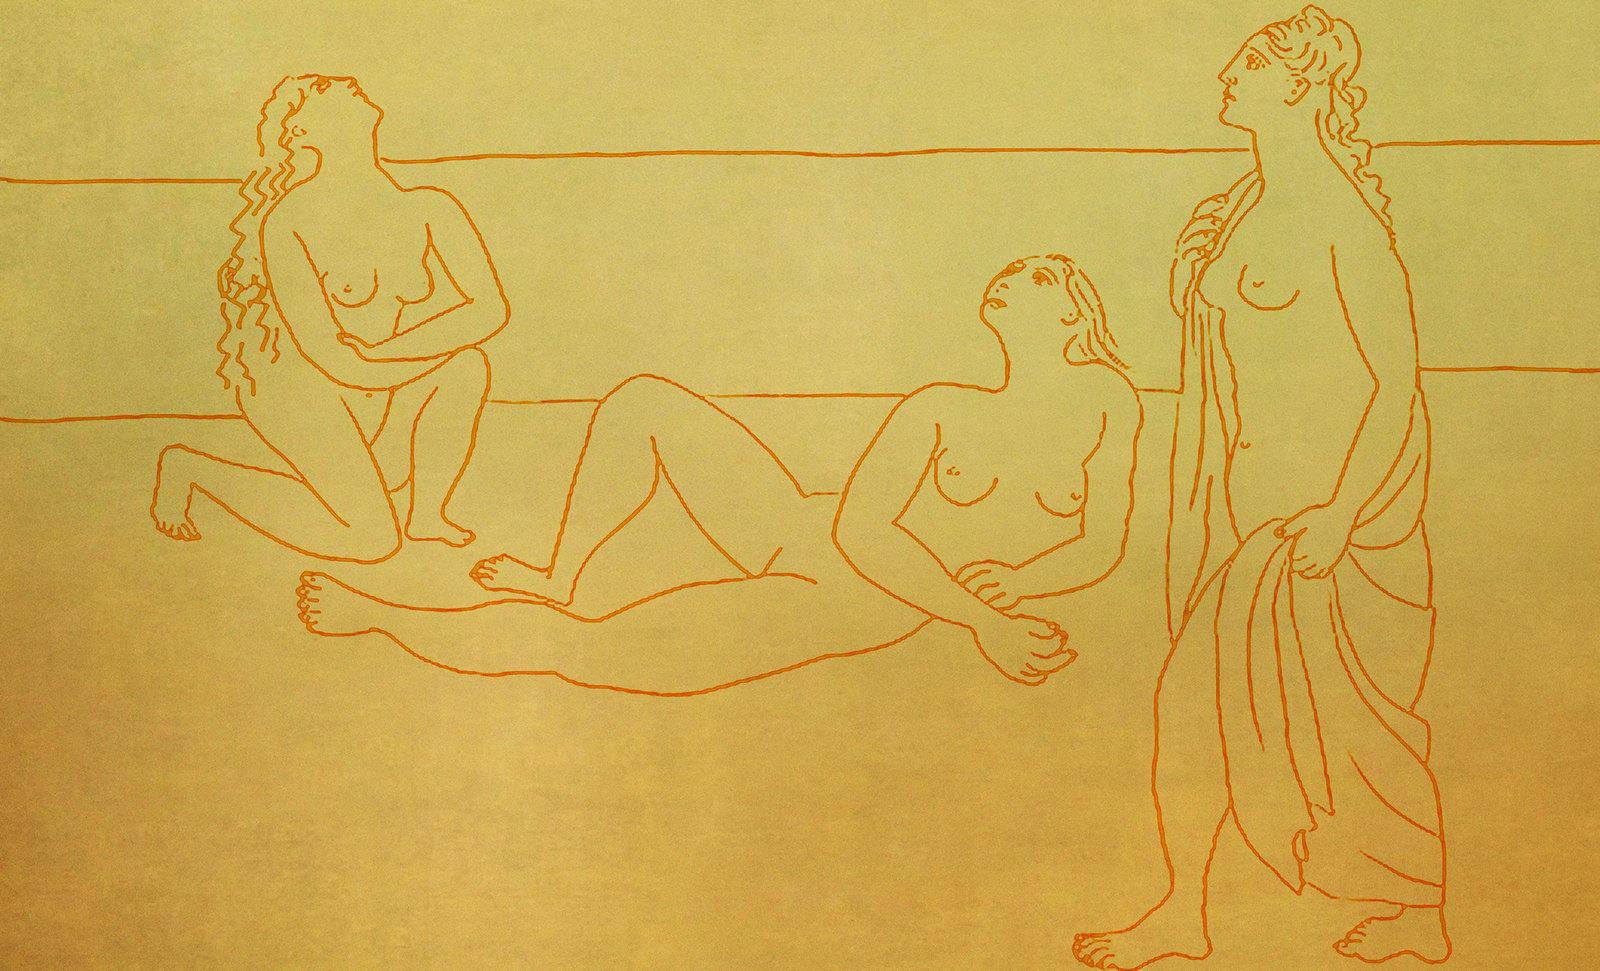 046Pablo Picasso